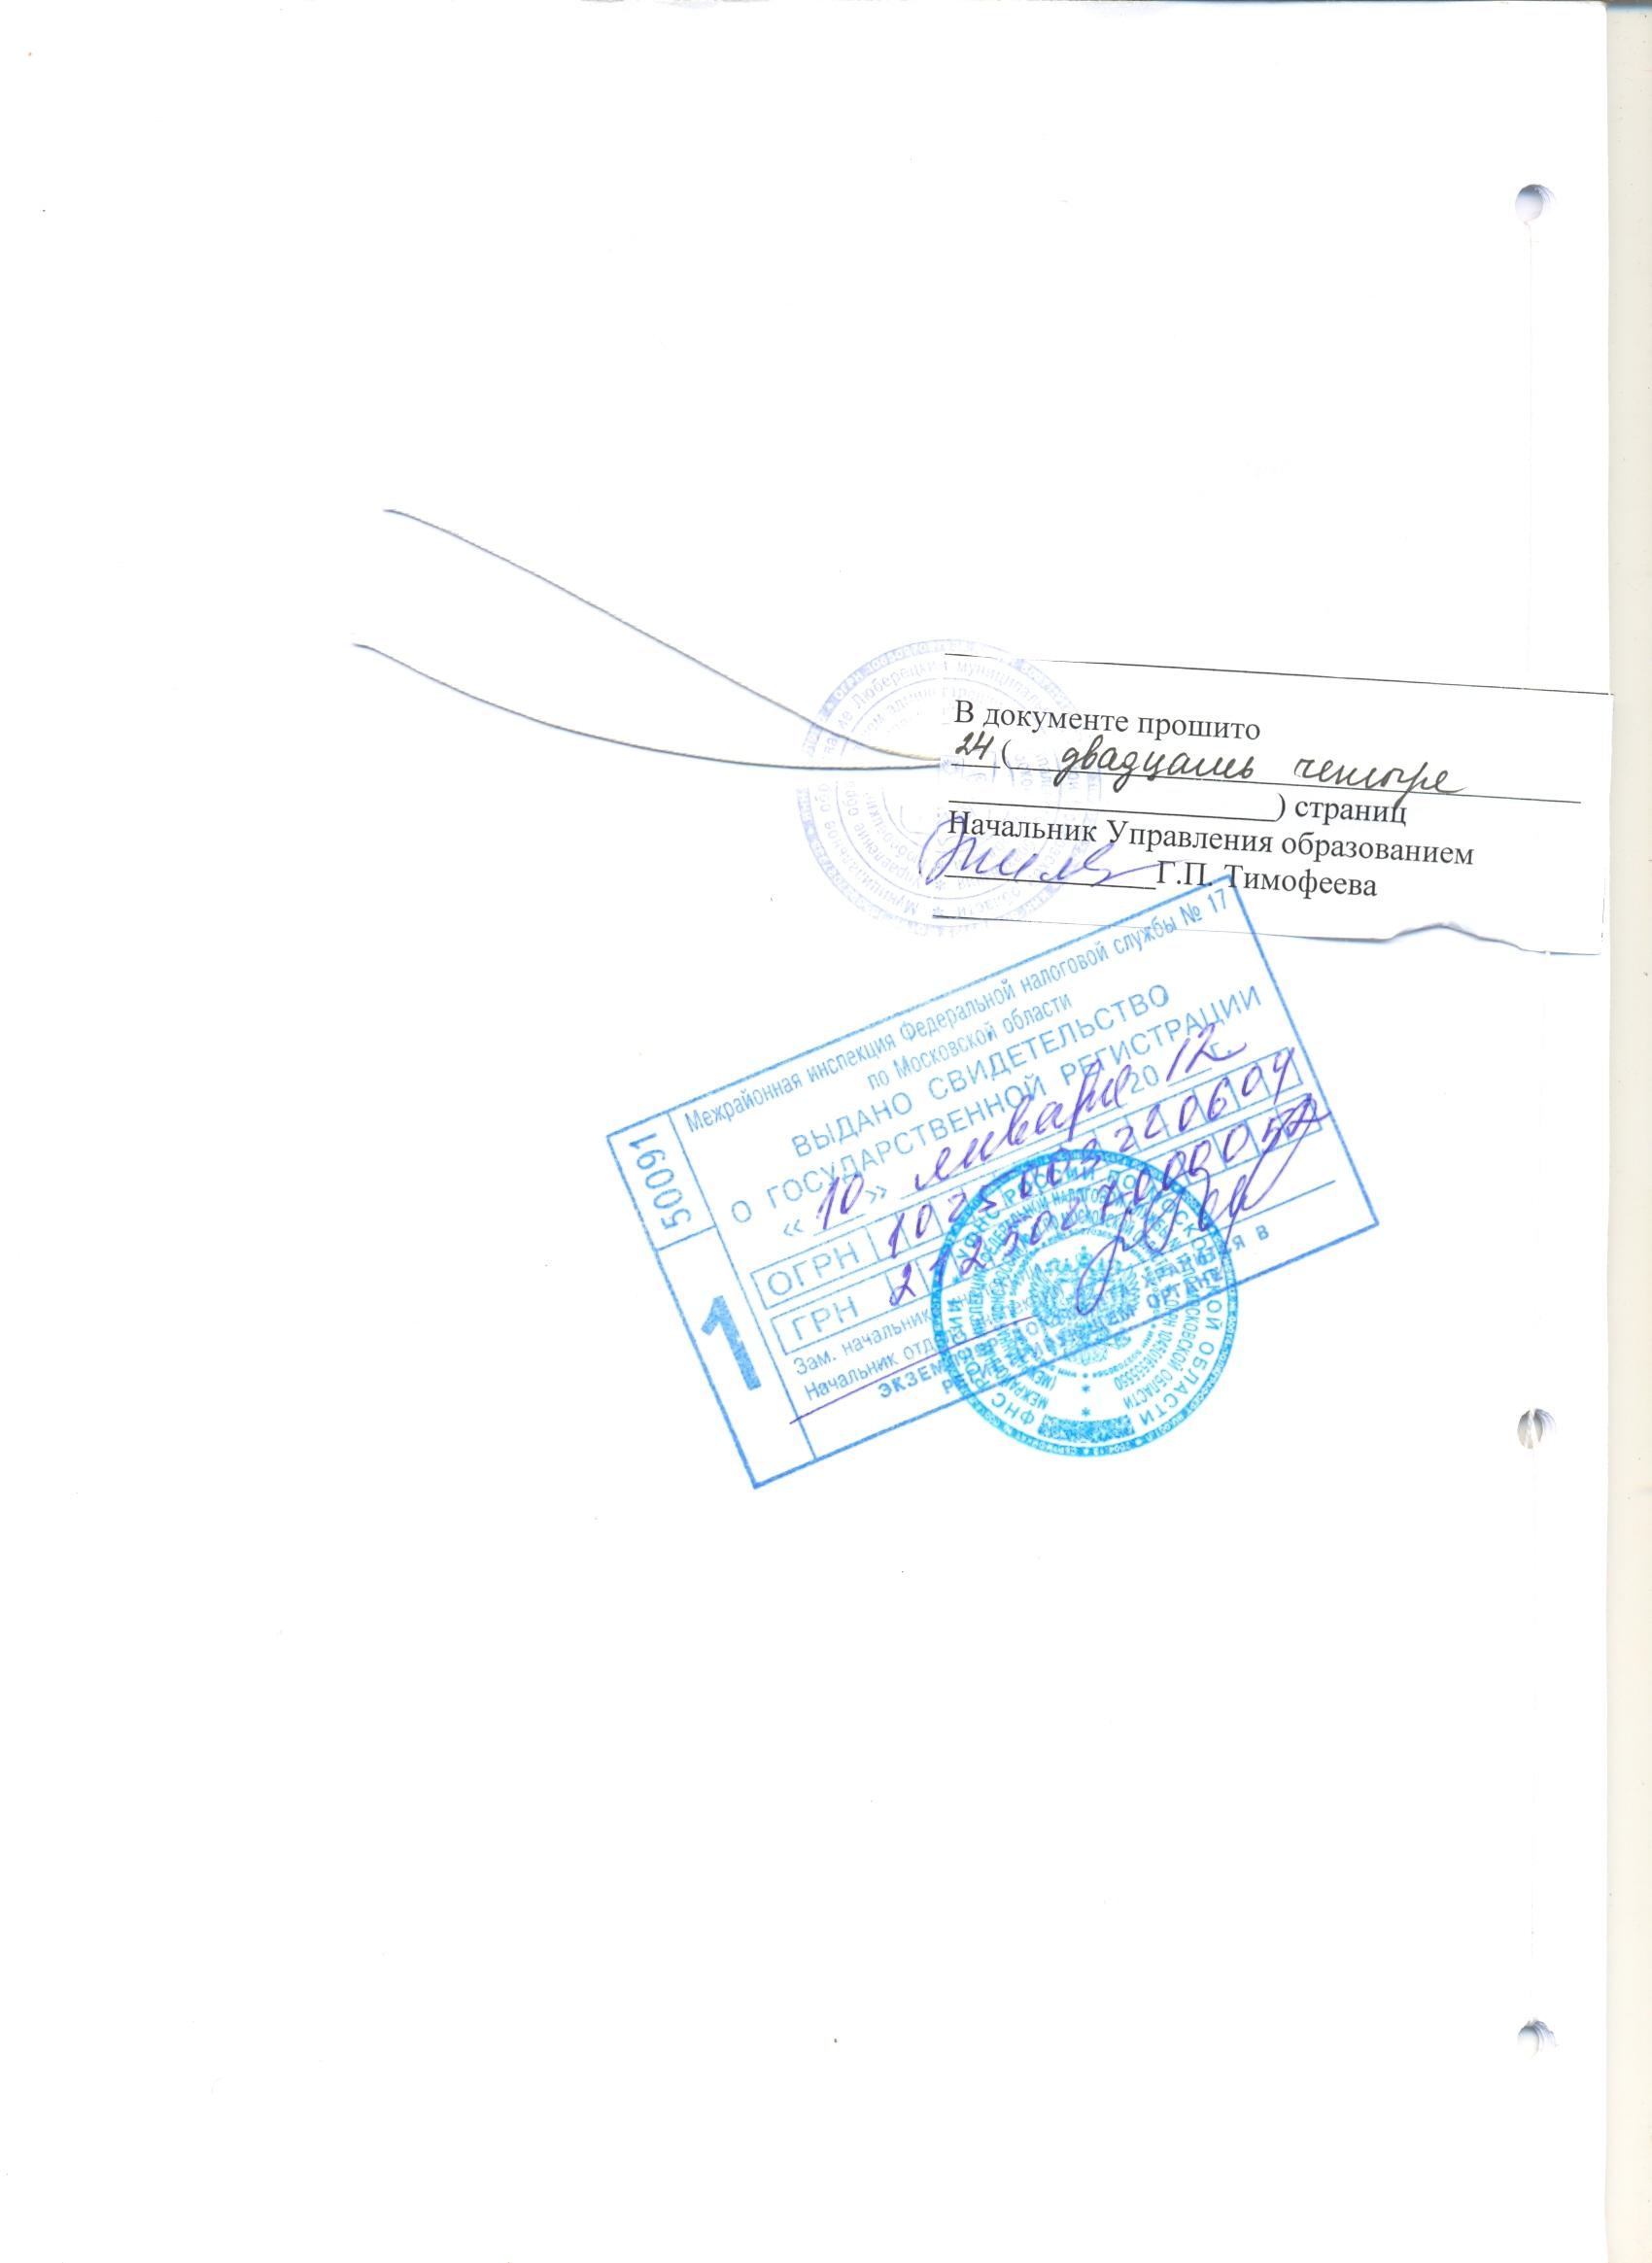 Как сшивать документы для налоговой по требованию: заверка бумаг 31